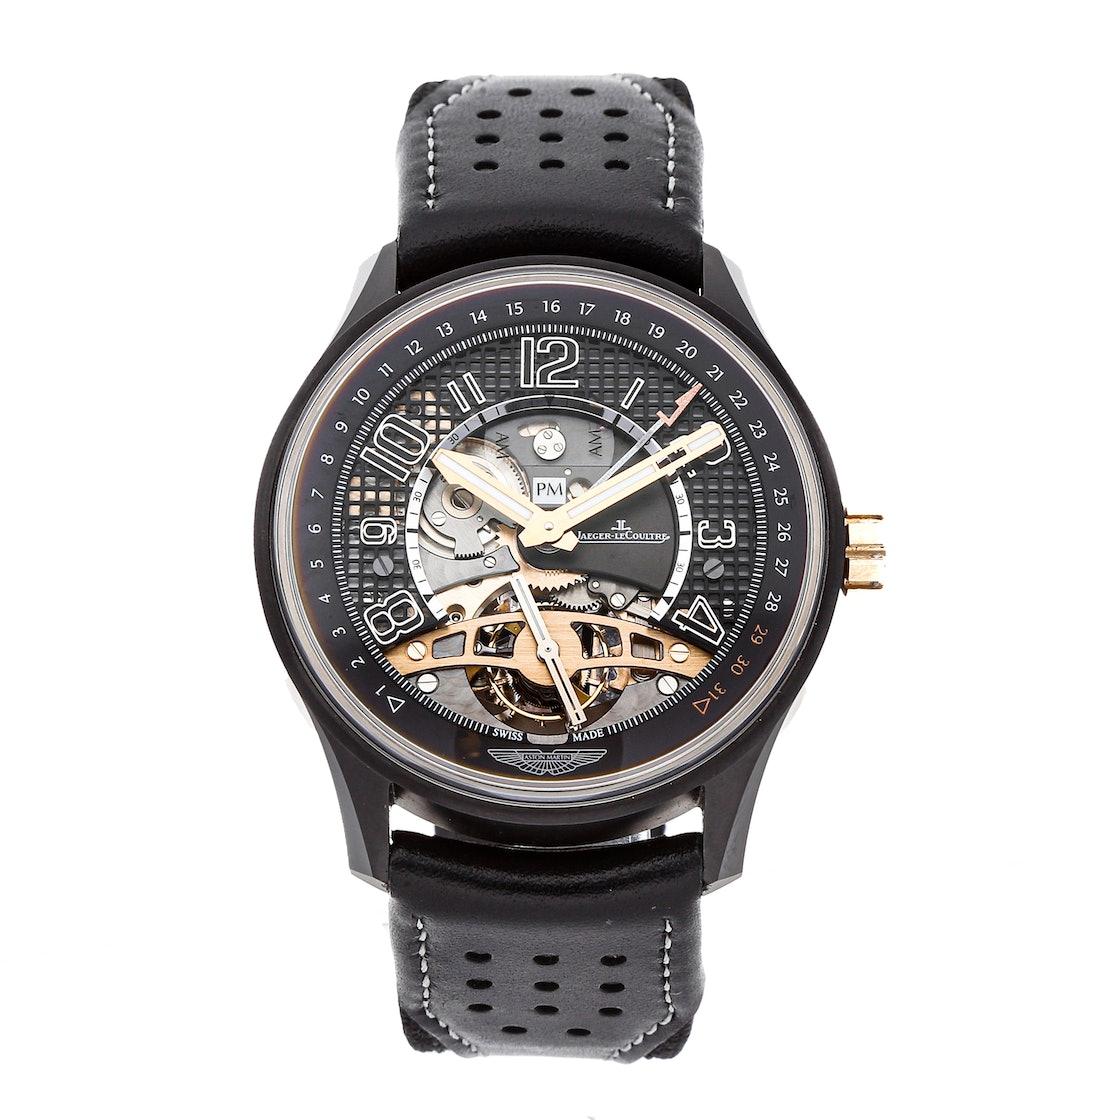 Jaeger-LeCoultre AMVOX3 Tourbillion GMT Limited Edition Q193C450